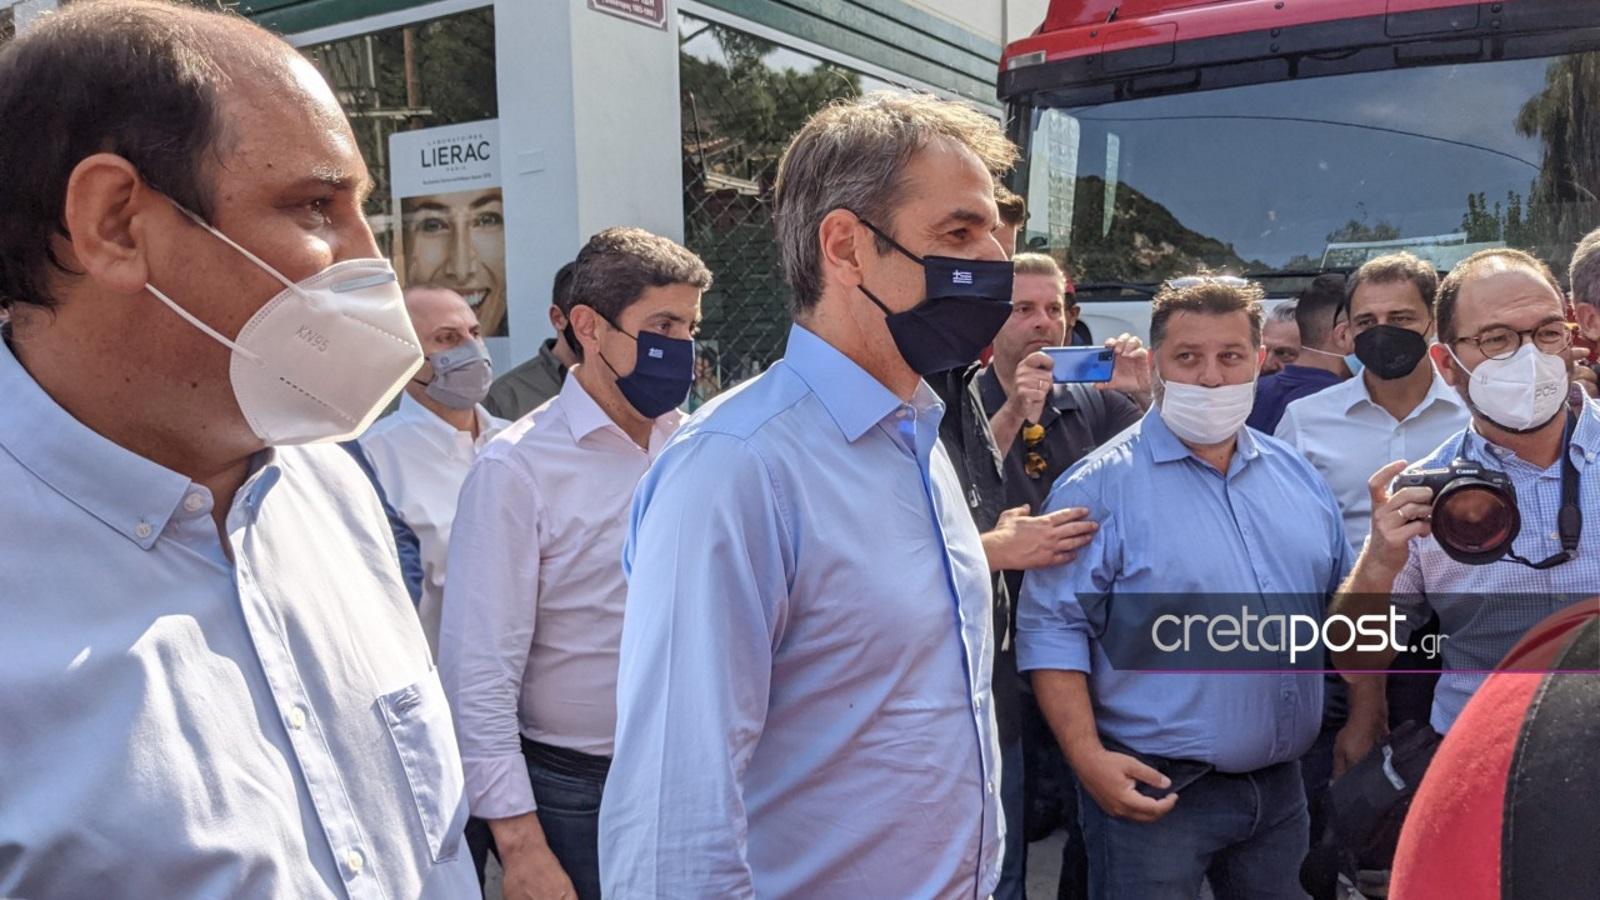 Στην Κρήτη ο Κυριάκος Μητσοτάκης – Επισκέπτεται τις σεισμόπληκτες περιοχές